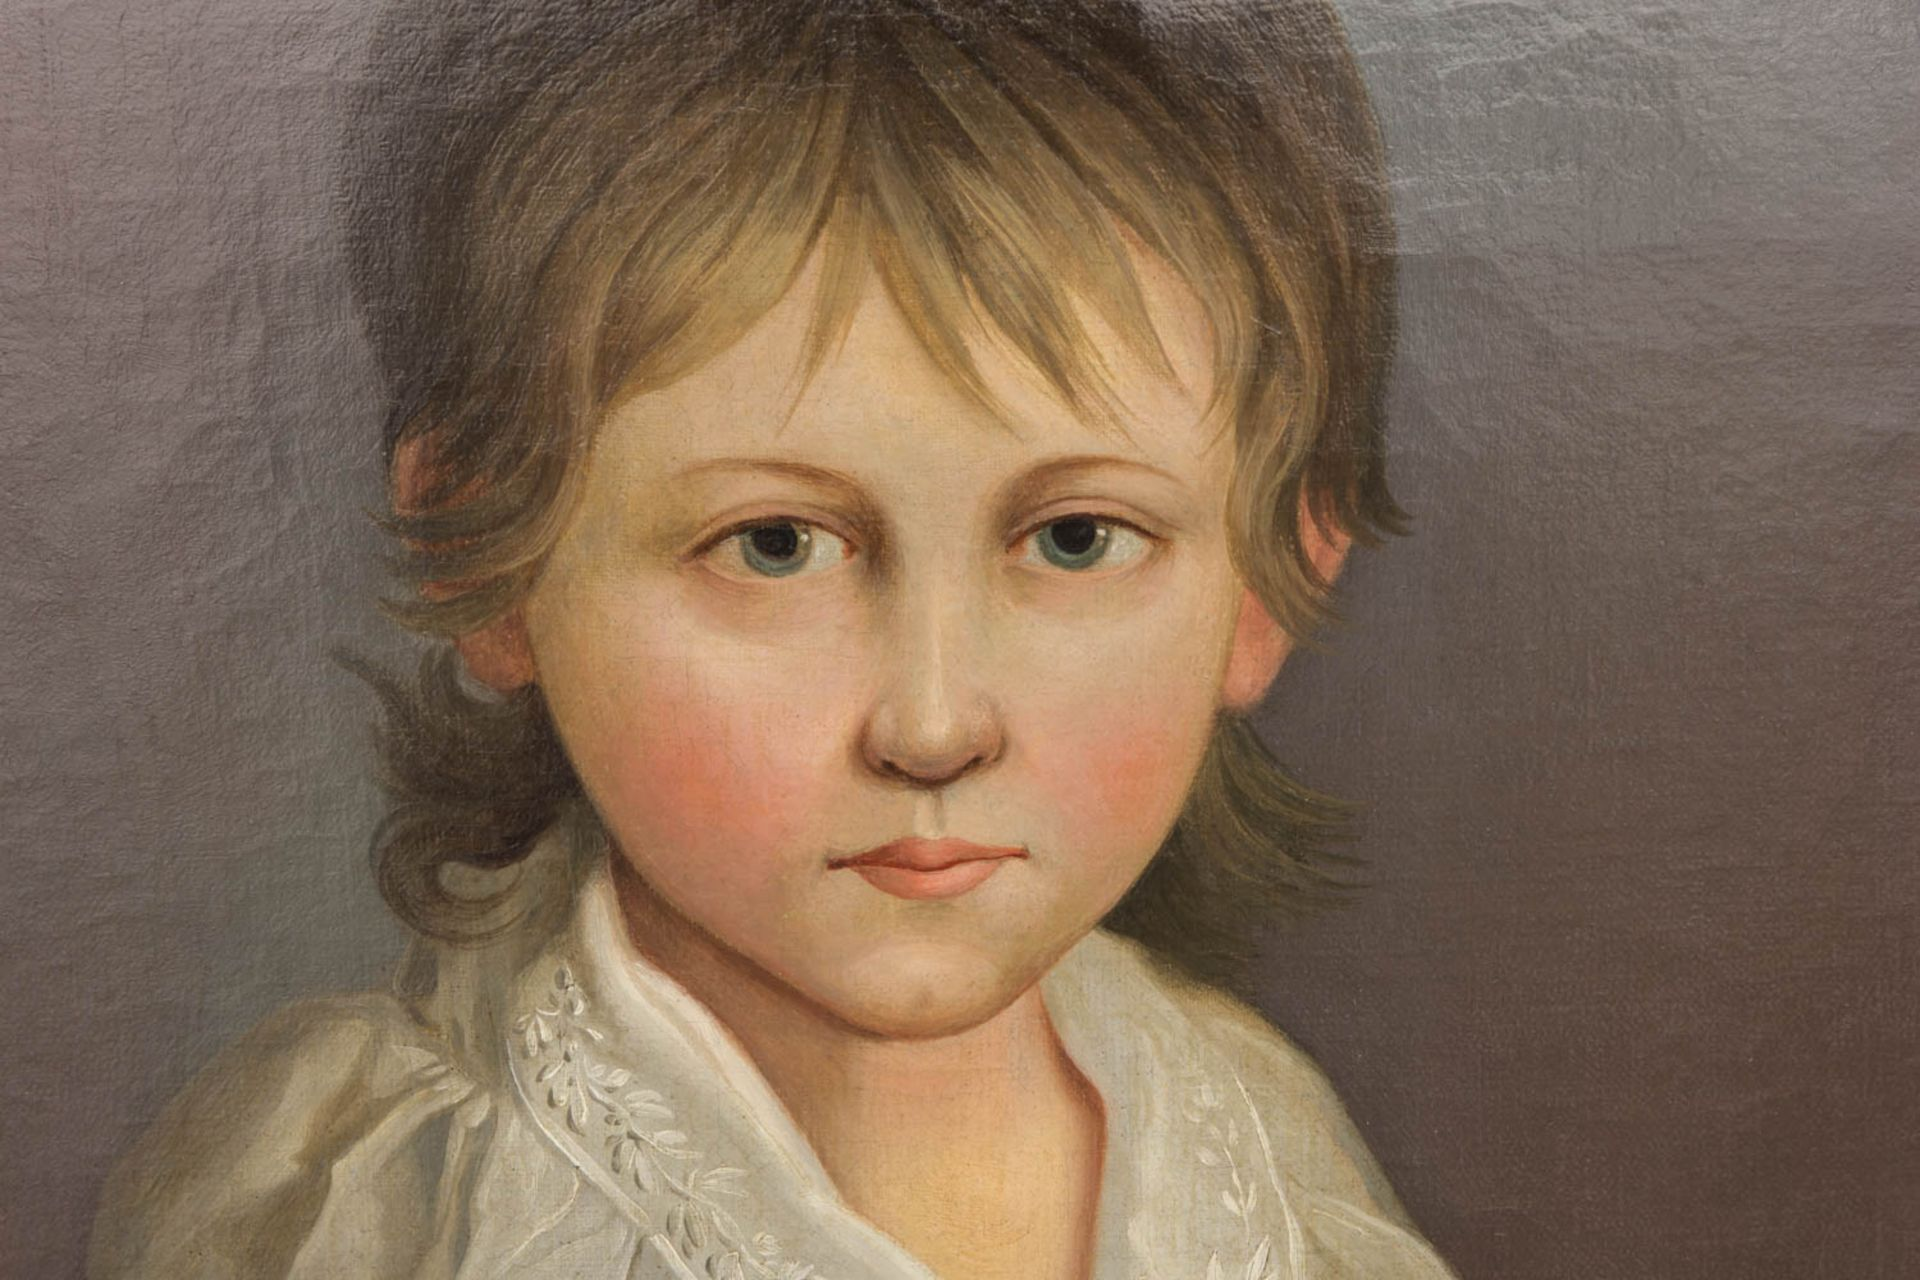 Johann F. A. Tischbein, Portrait eines Knaben, Öl auf Leinwand, 18. Jh.Gerahmt, nicht - Bild 2 aus 4